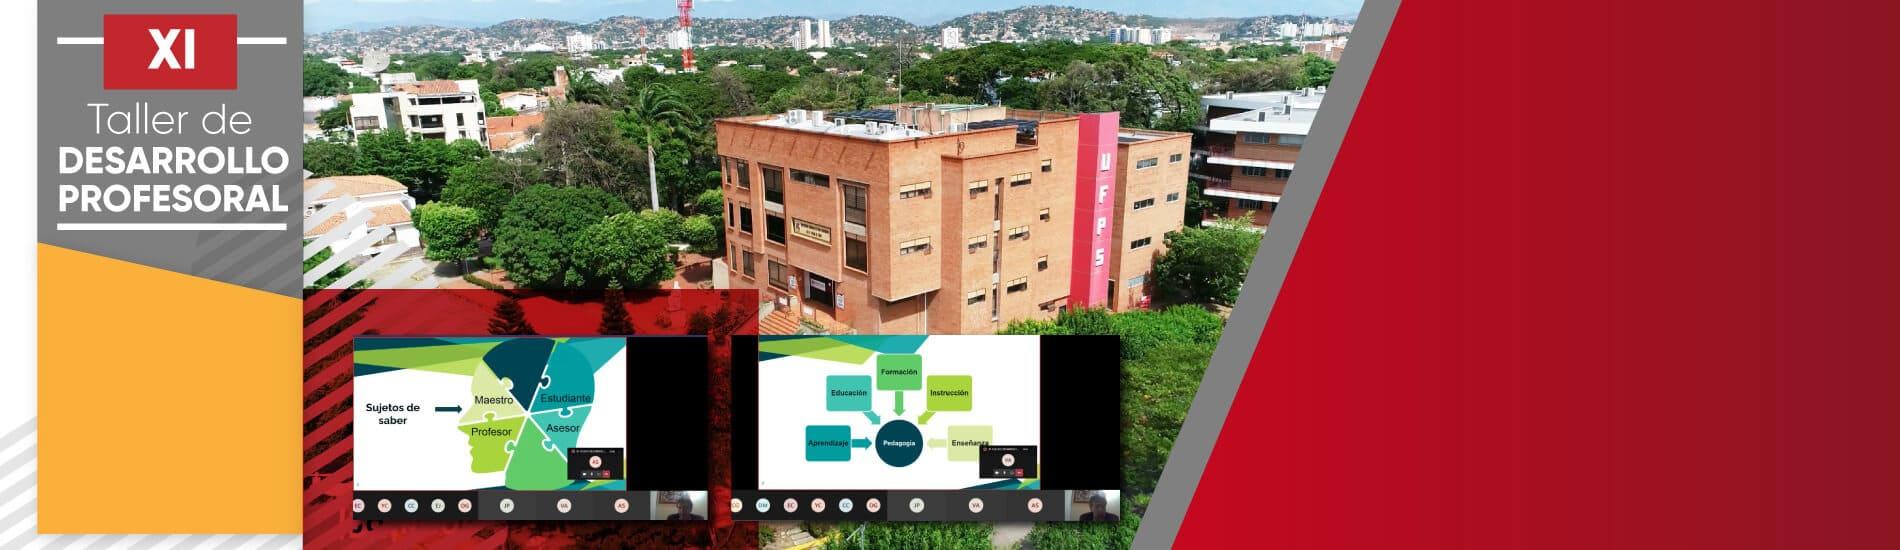 Desafíos, gestión y actualización del currículo: temas centrales del XI Taller de Desarrollo Profesoral UFPS